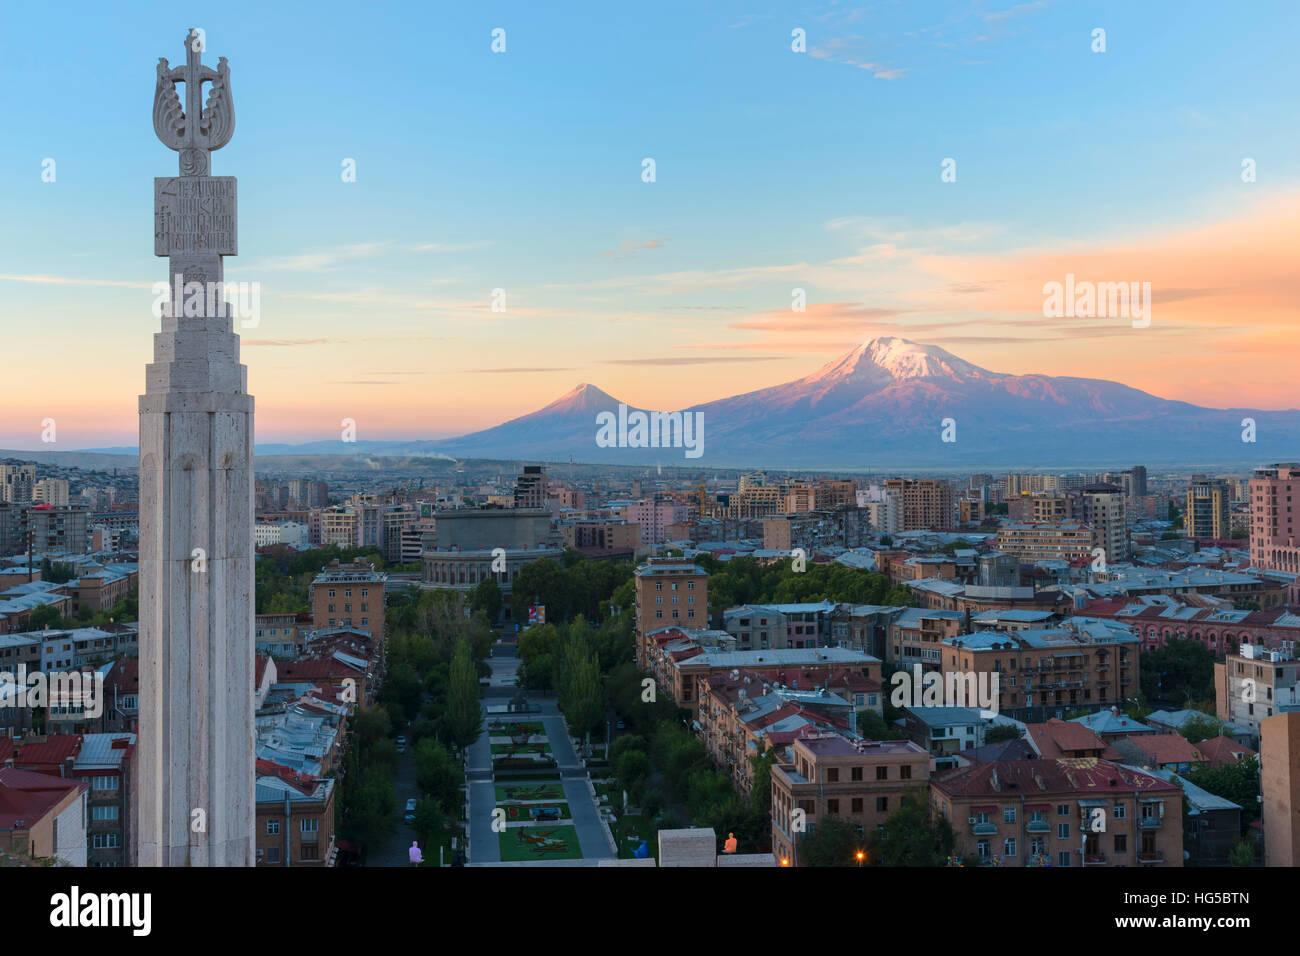 Berg Ararat und Eriwan angesehen von Cascade bei Sonnenaufgang, Eriwan, Armenien, Zentral-Asien, Asien Stockbild